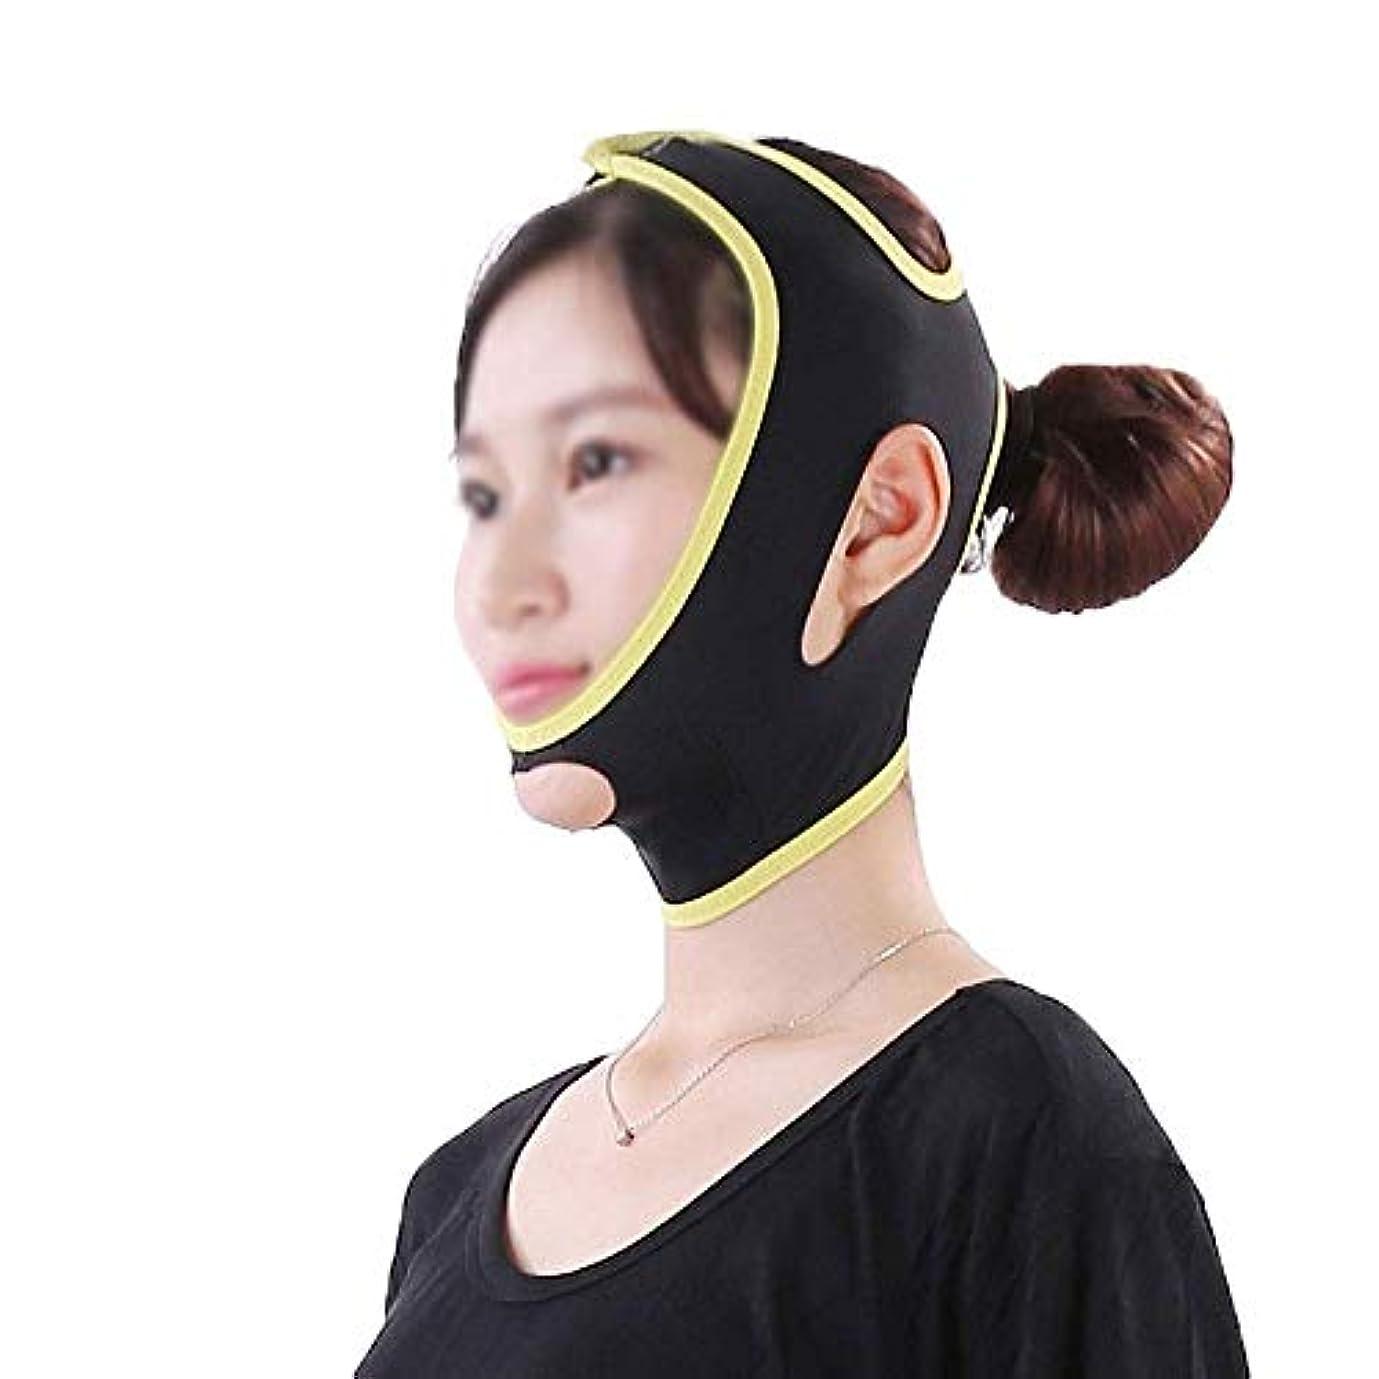 フェイス&ネックリフト、フェイスリフトマスク強力なフェイスマスクフェイスリフトアーティファクトフェイスリフティングフェイスリフティングツールフェイスリフティング包帯シンフェイスマスク美容マスク(サイズ:L),ザ?